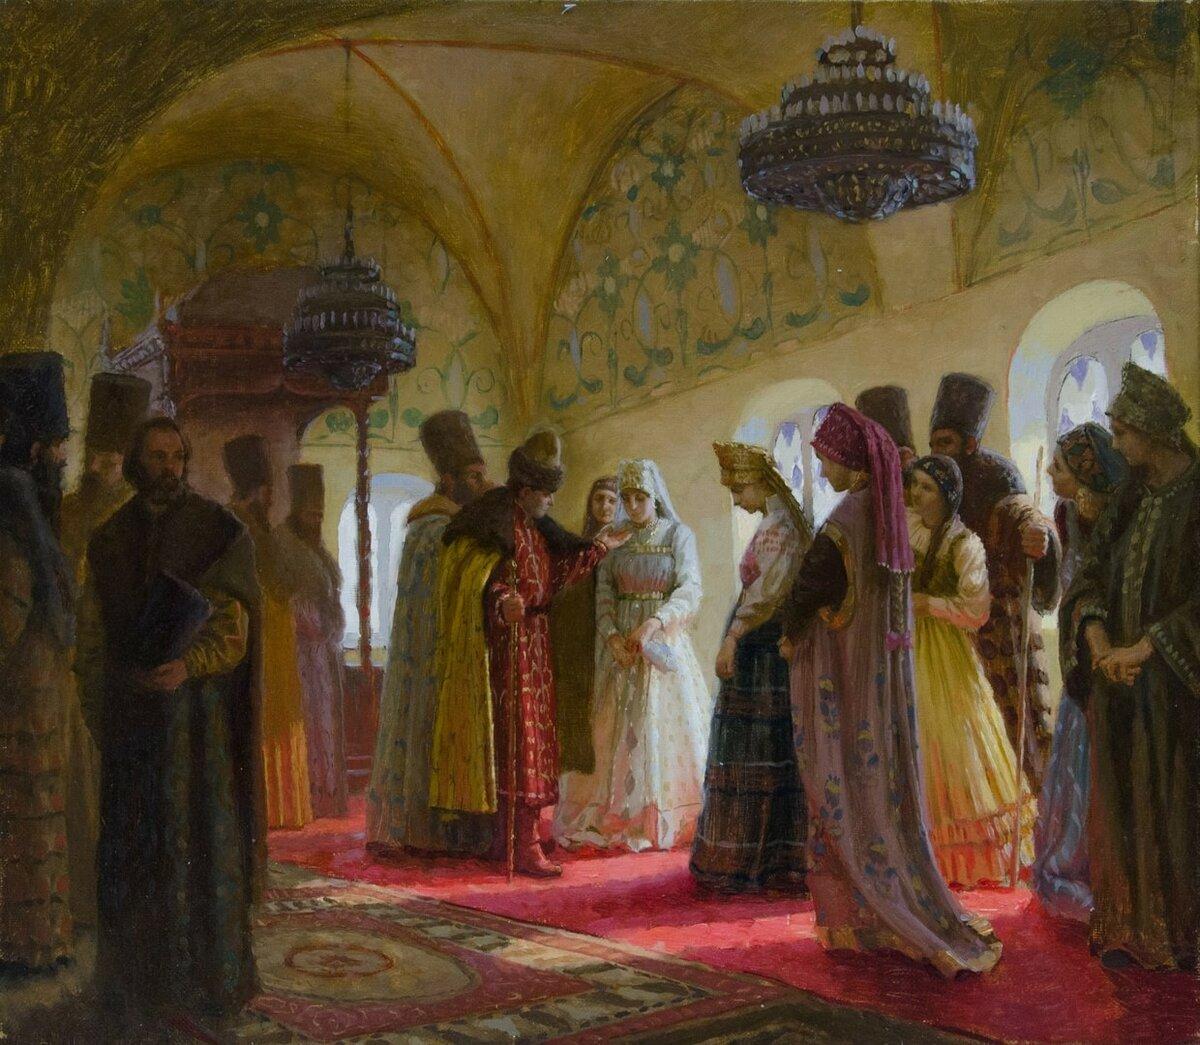 Через что проходили девушки на Руси, чтобы стать женой царя